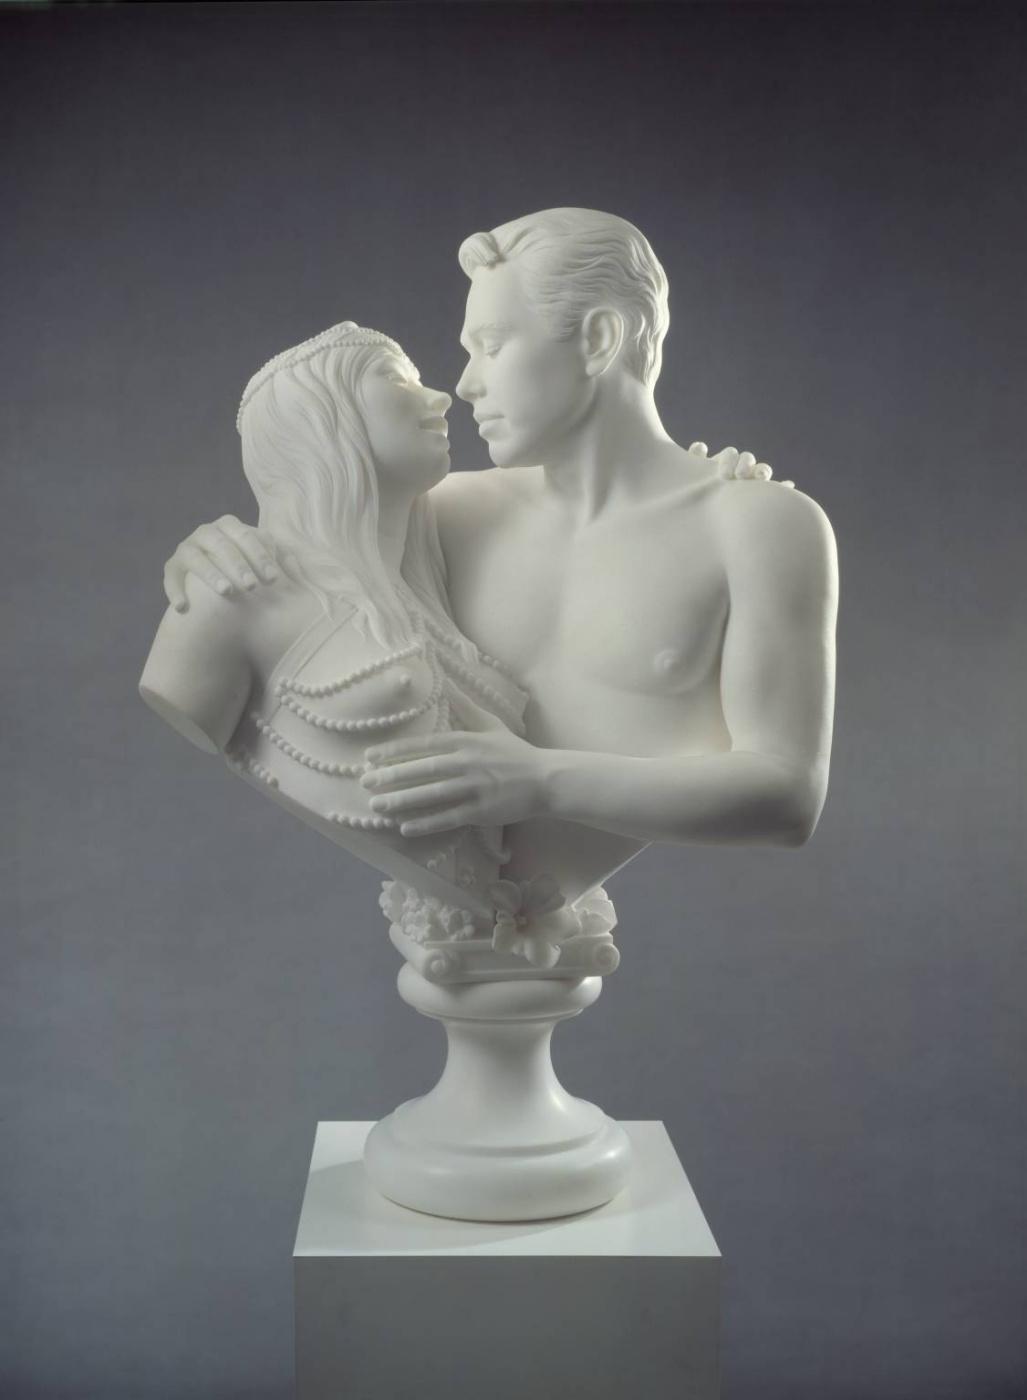 Jeff Koons. Jeff and Ilona